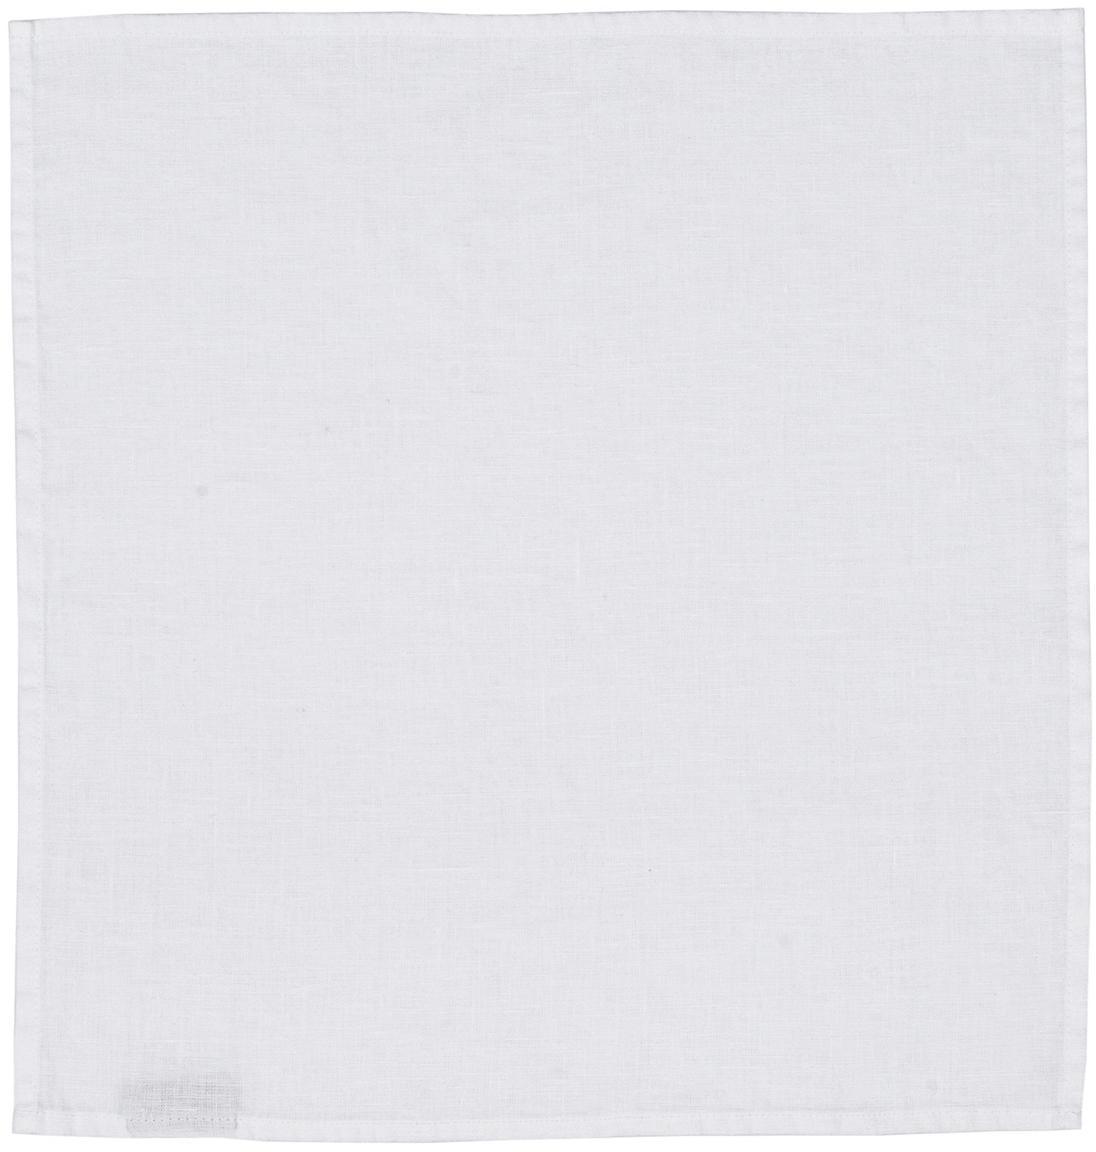 Stoffen servetten Ruta, 6 stuks, Sneeuwwit, 43 x 43 cm